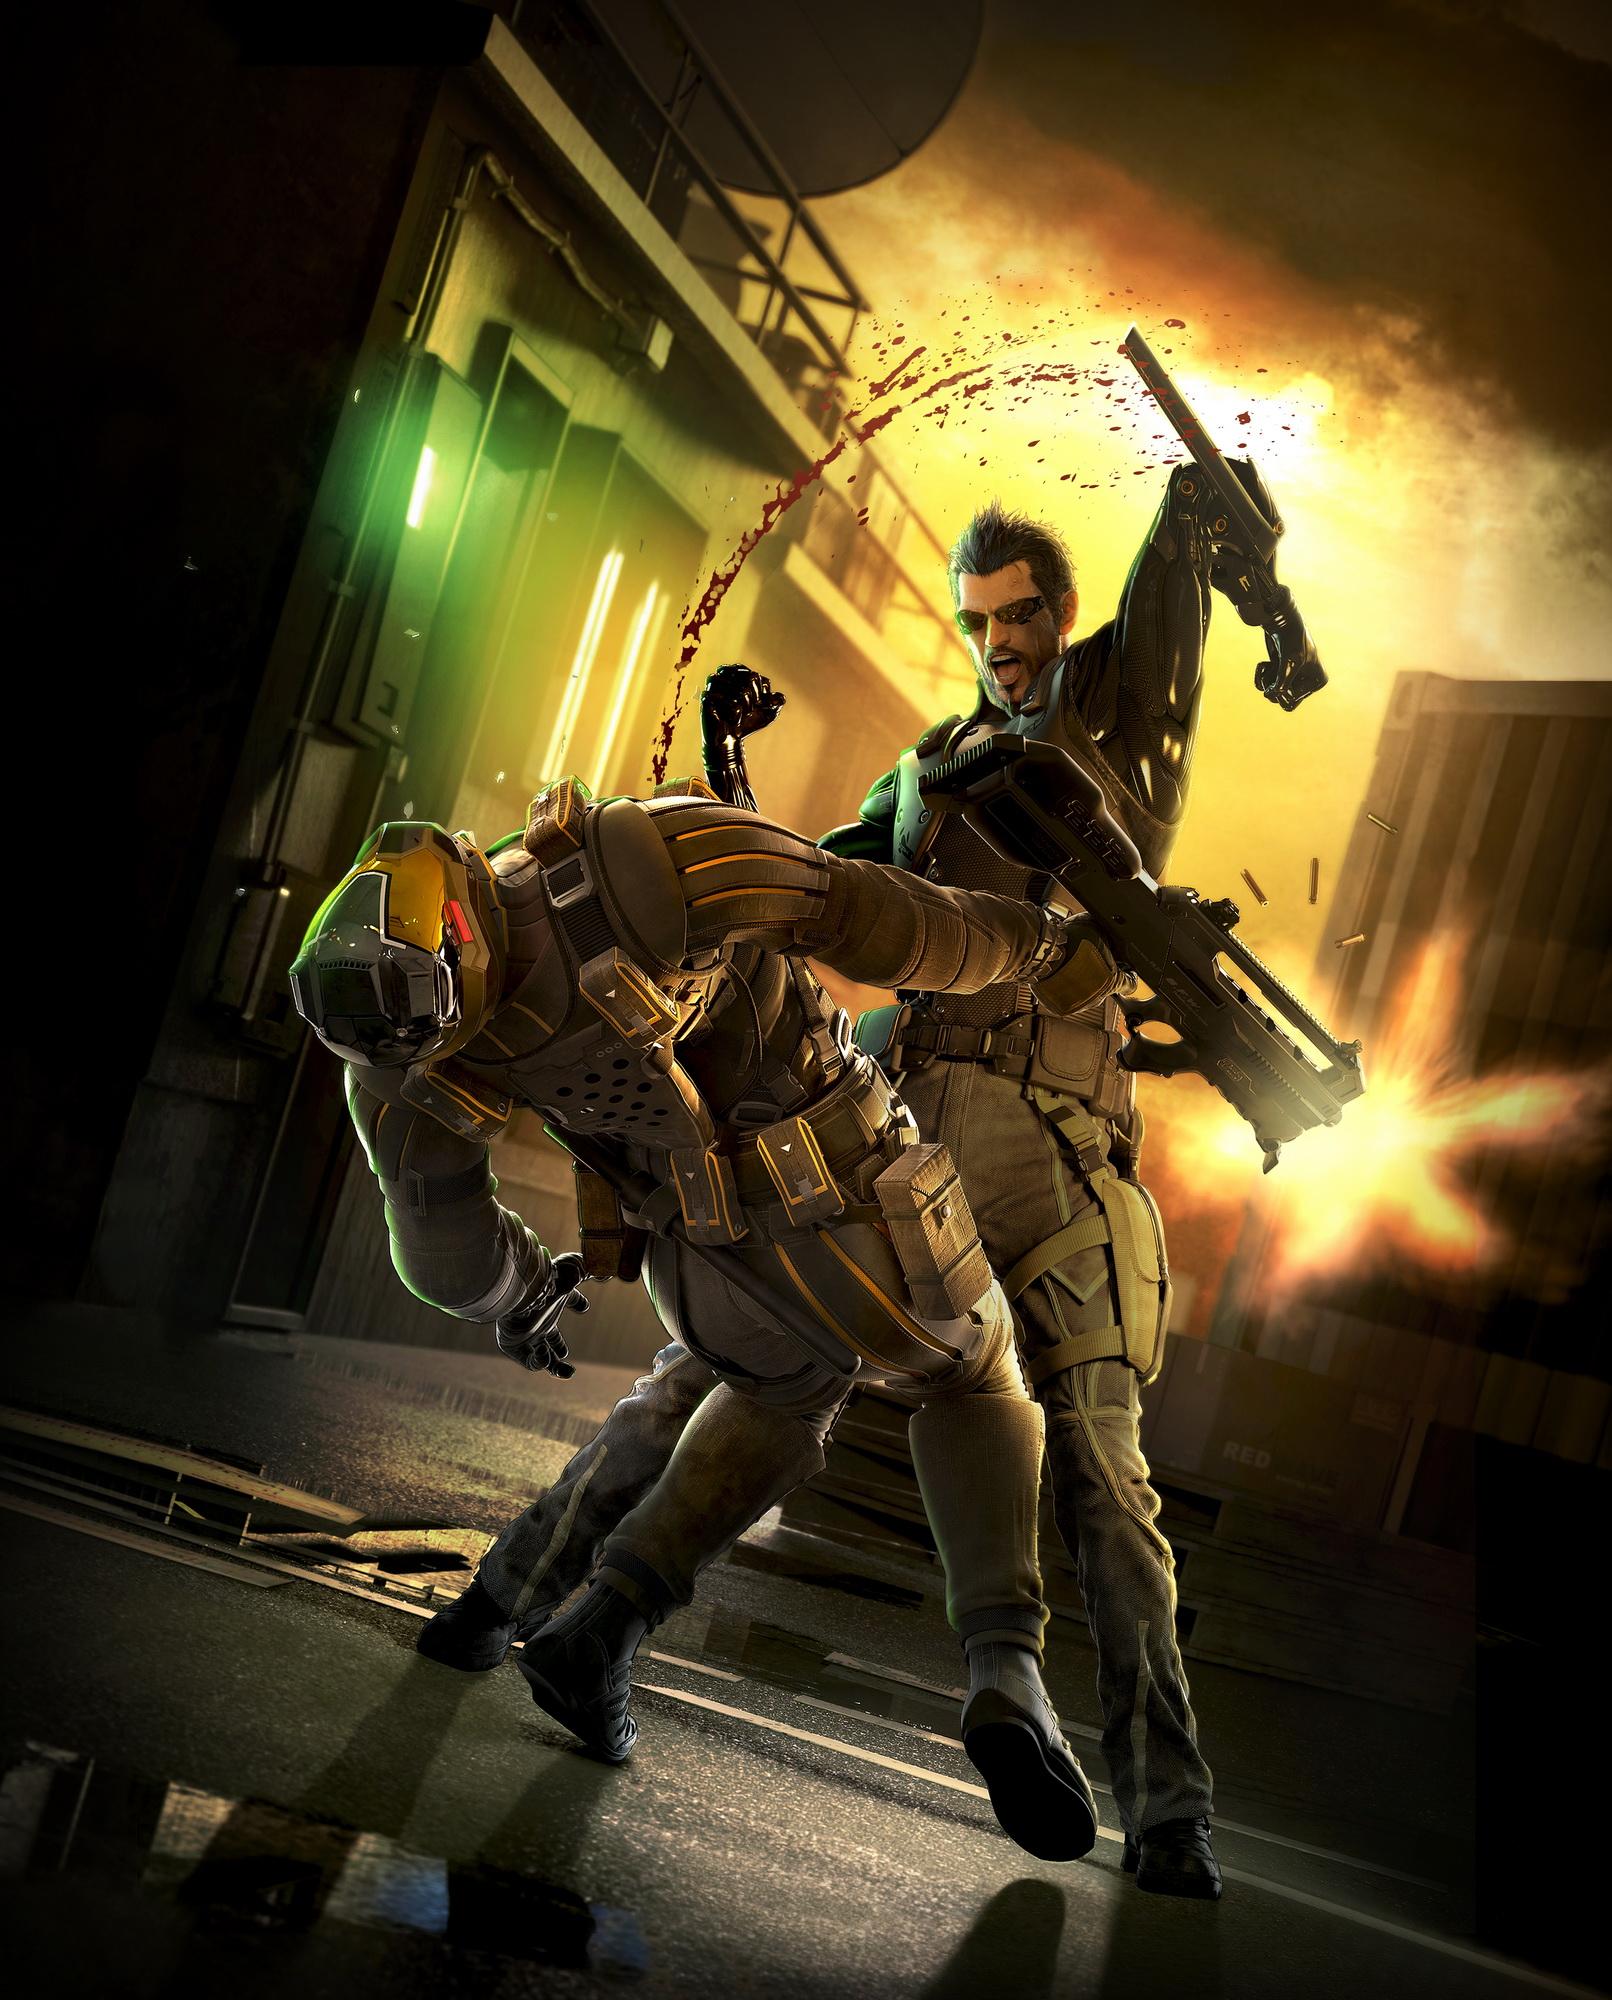 Deus Ex - Deus Ex: Revision - Не все то золото, что ...: www.gamer.ru/deus-ex/deus-ex-revision-ne-vse-to-zoloto-chto-blestit